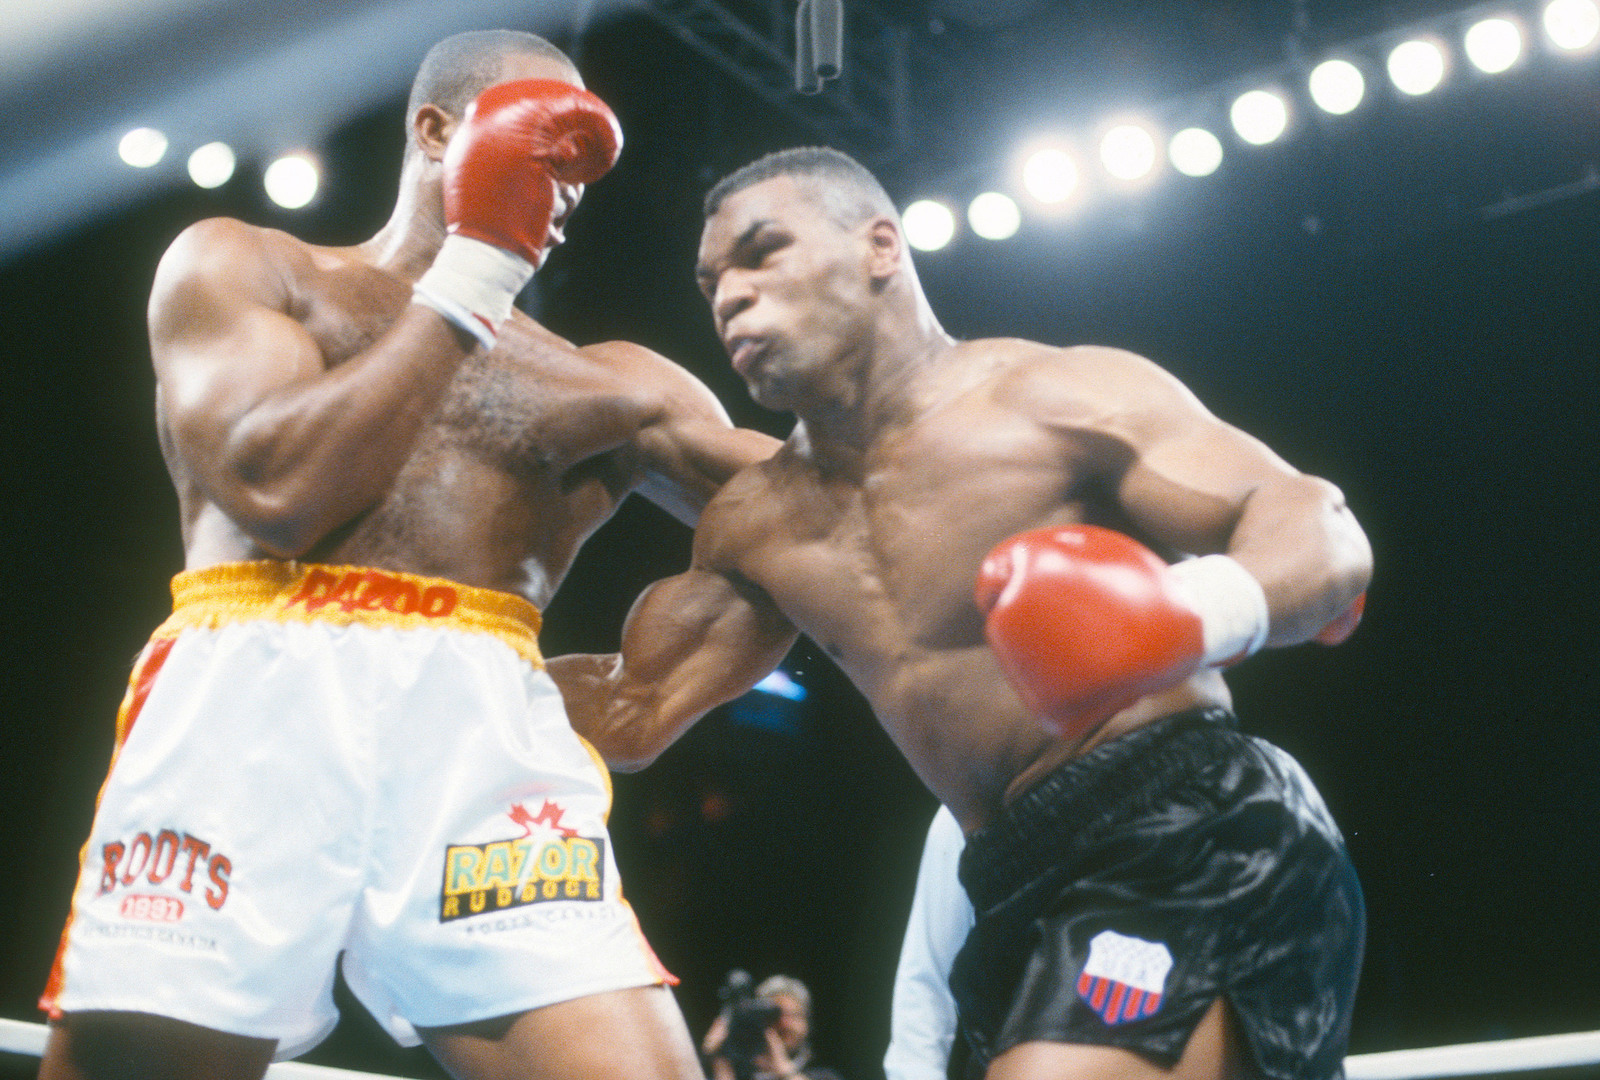 Mike Tyson vs Roy Jones Live Stream Reddit | Tonight Boxing Full Fight, Main Card Start Time ...